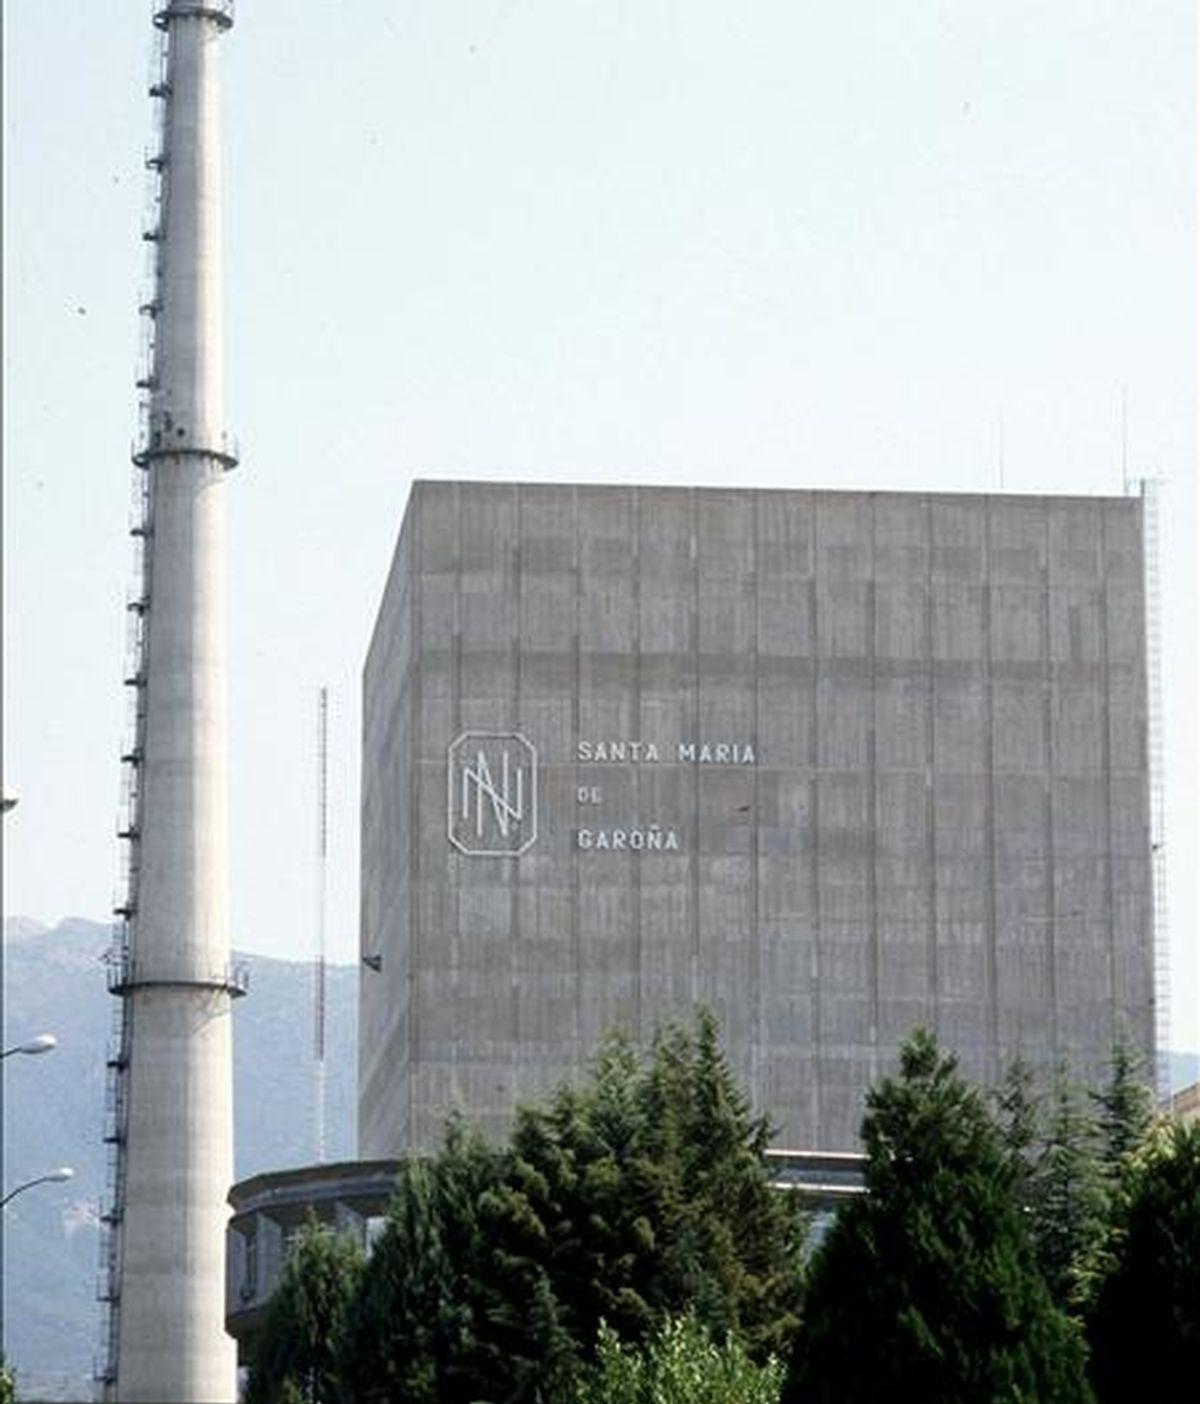 El pleno del Consejo de Seguridad Nuclear (CSN) se ha inclinado a favor de una prórroga de la operatividad de la central nuclear de Garoña (Burgos), pero de que ésta sea limitada, según fuentes próximas a las deliberaciones.